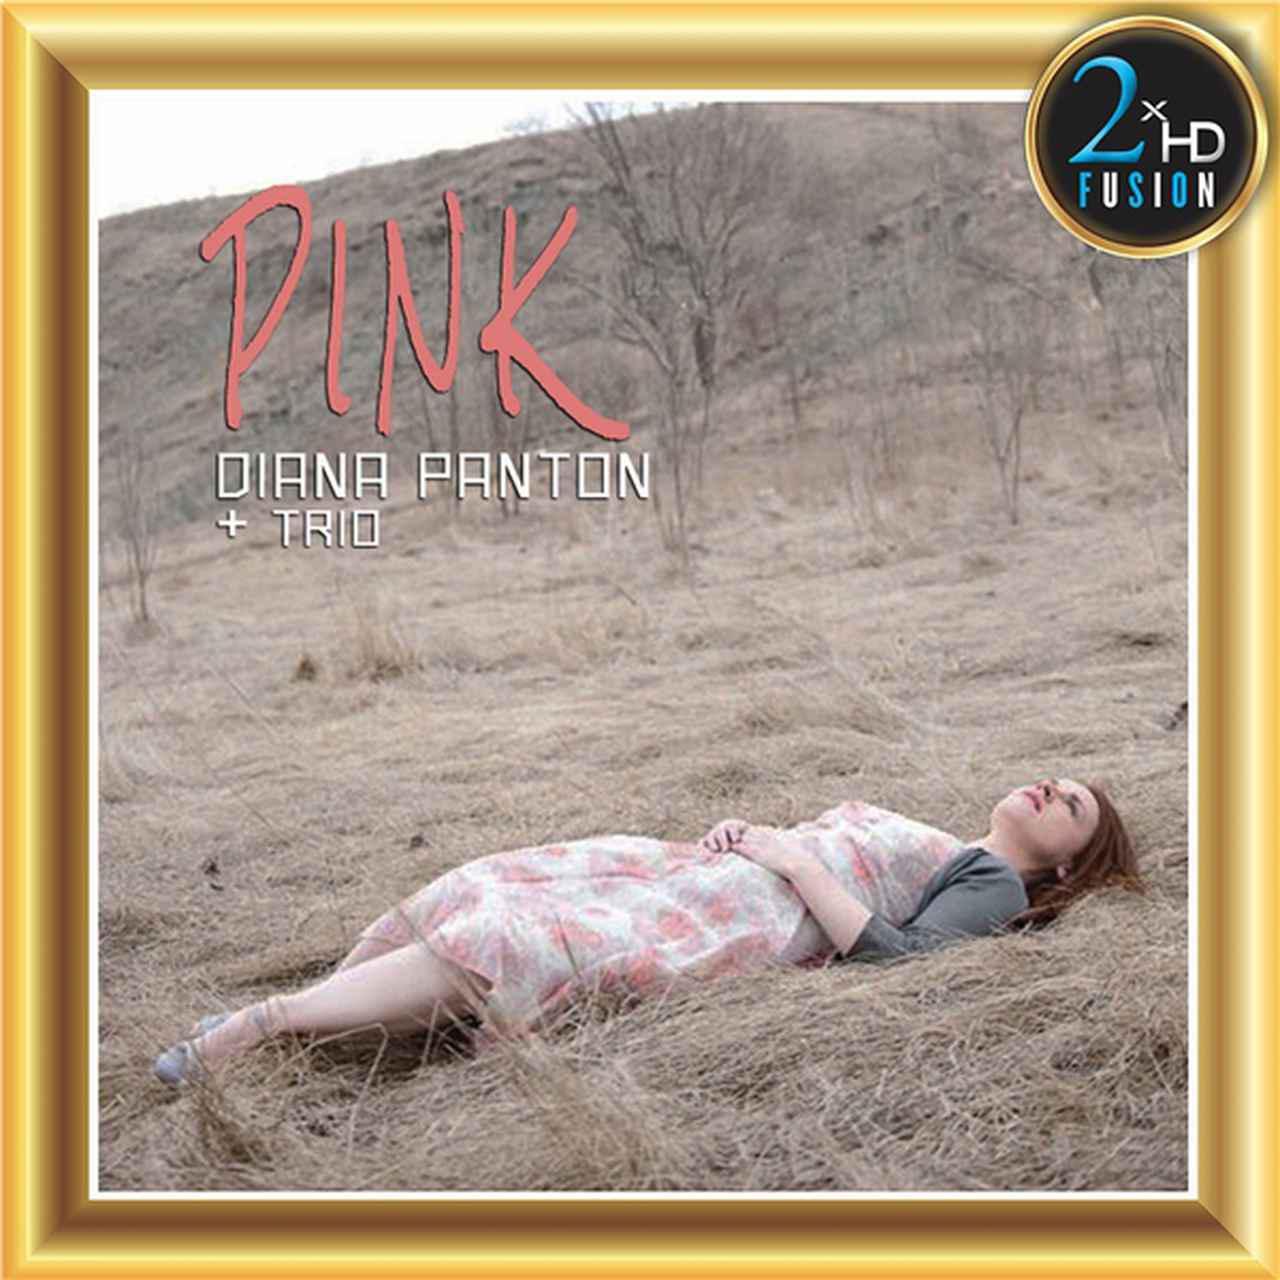 画像: Diana Panton - Pink/Diana Panton